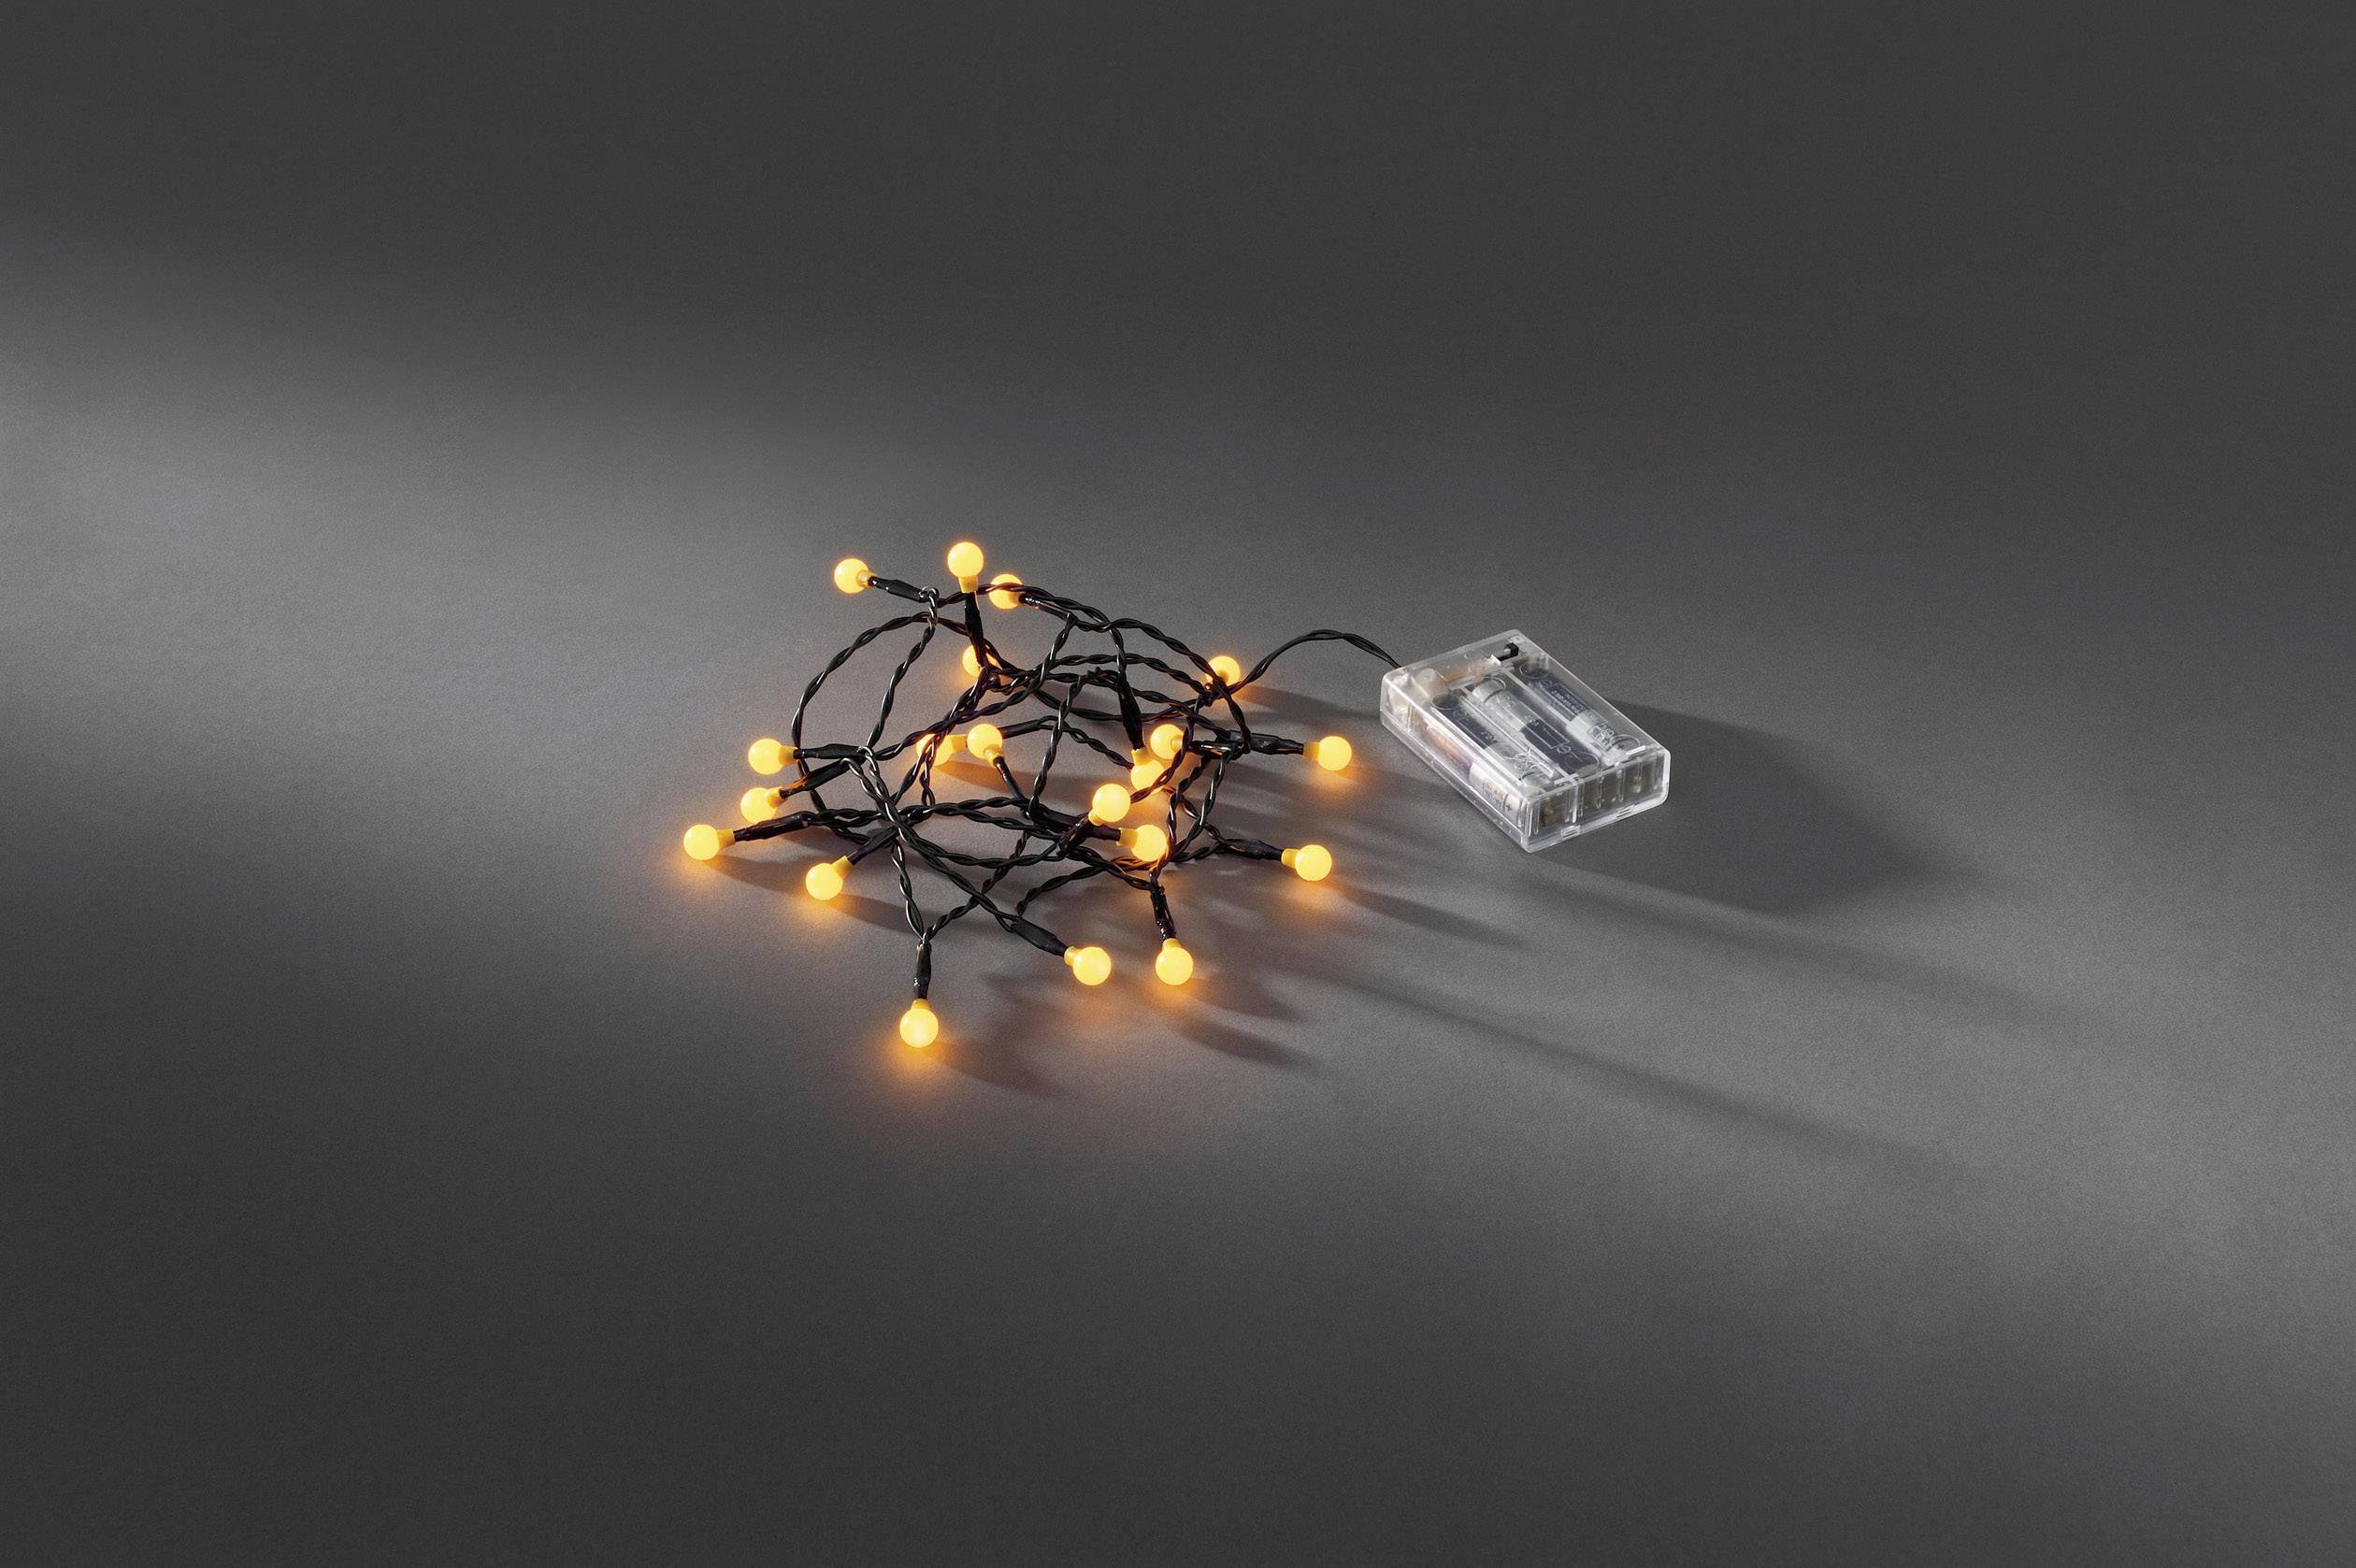 Vnitřní světelný řetěz Konstsmide 1491-007, 20 LED, 1,82 m, na baterie, žlutá